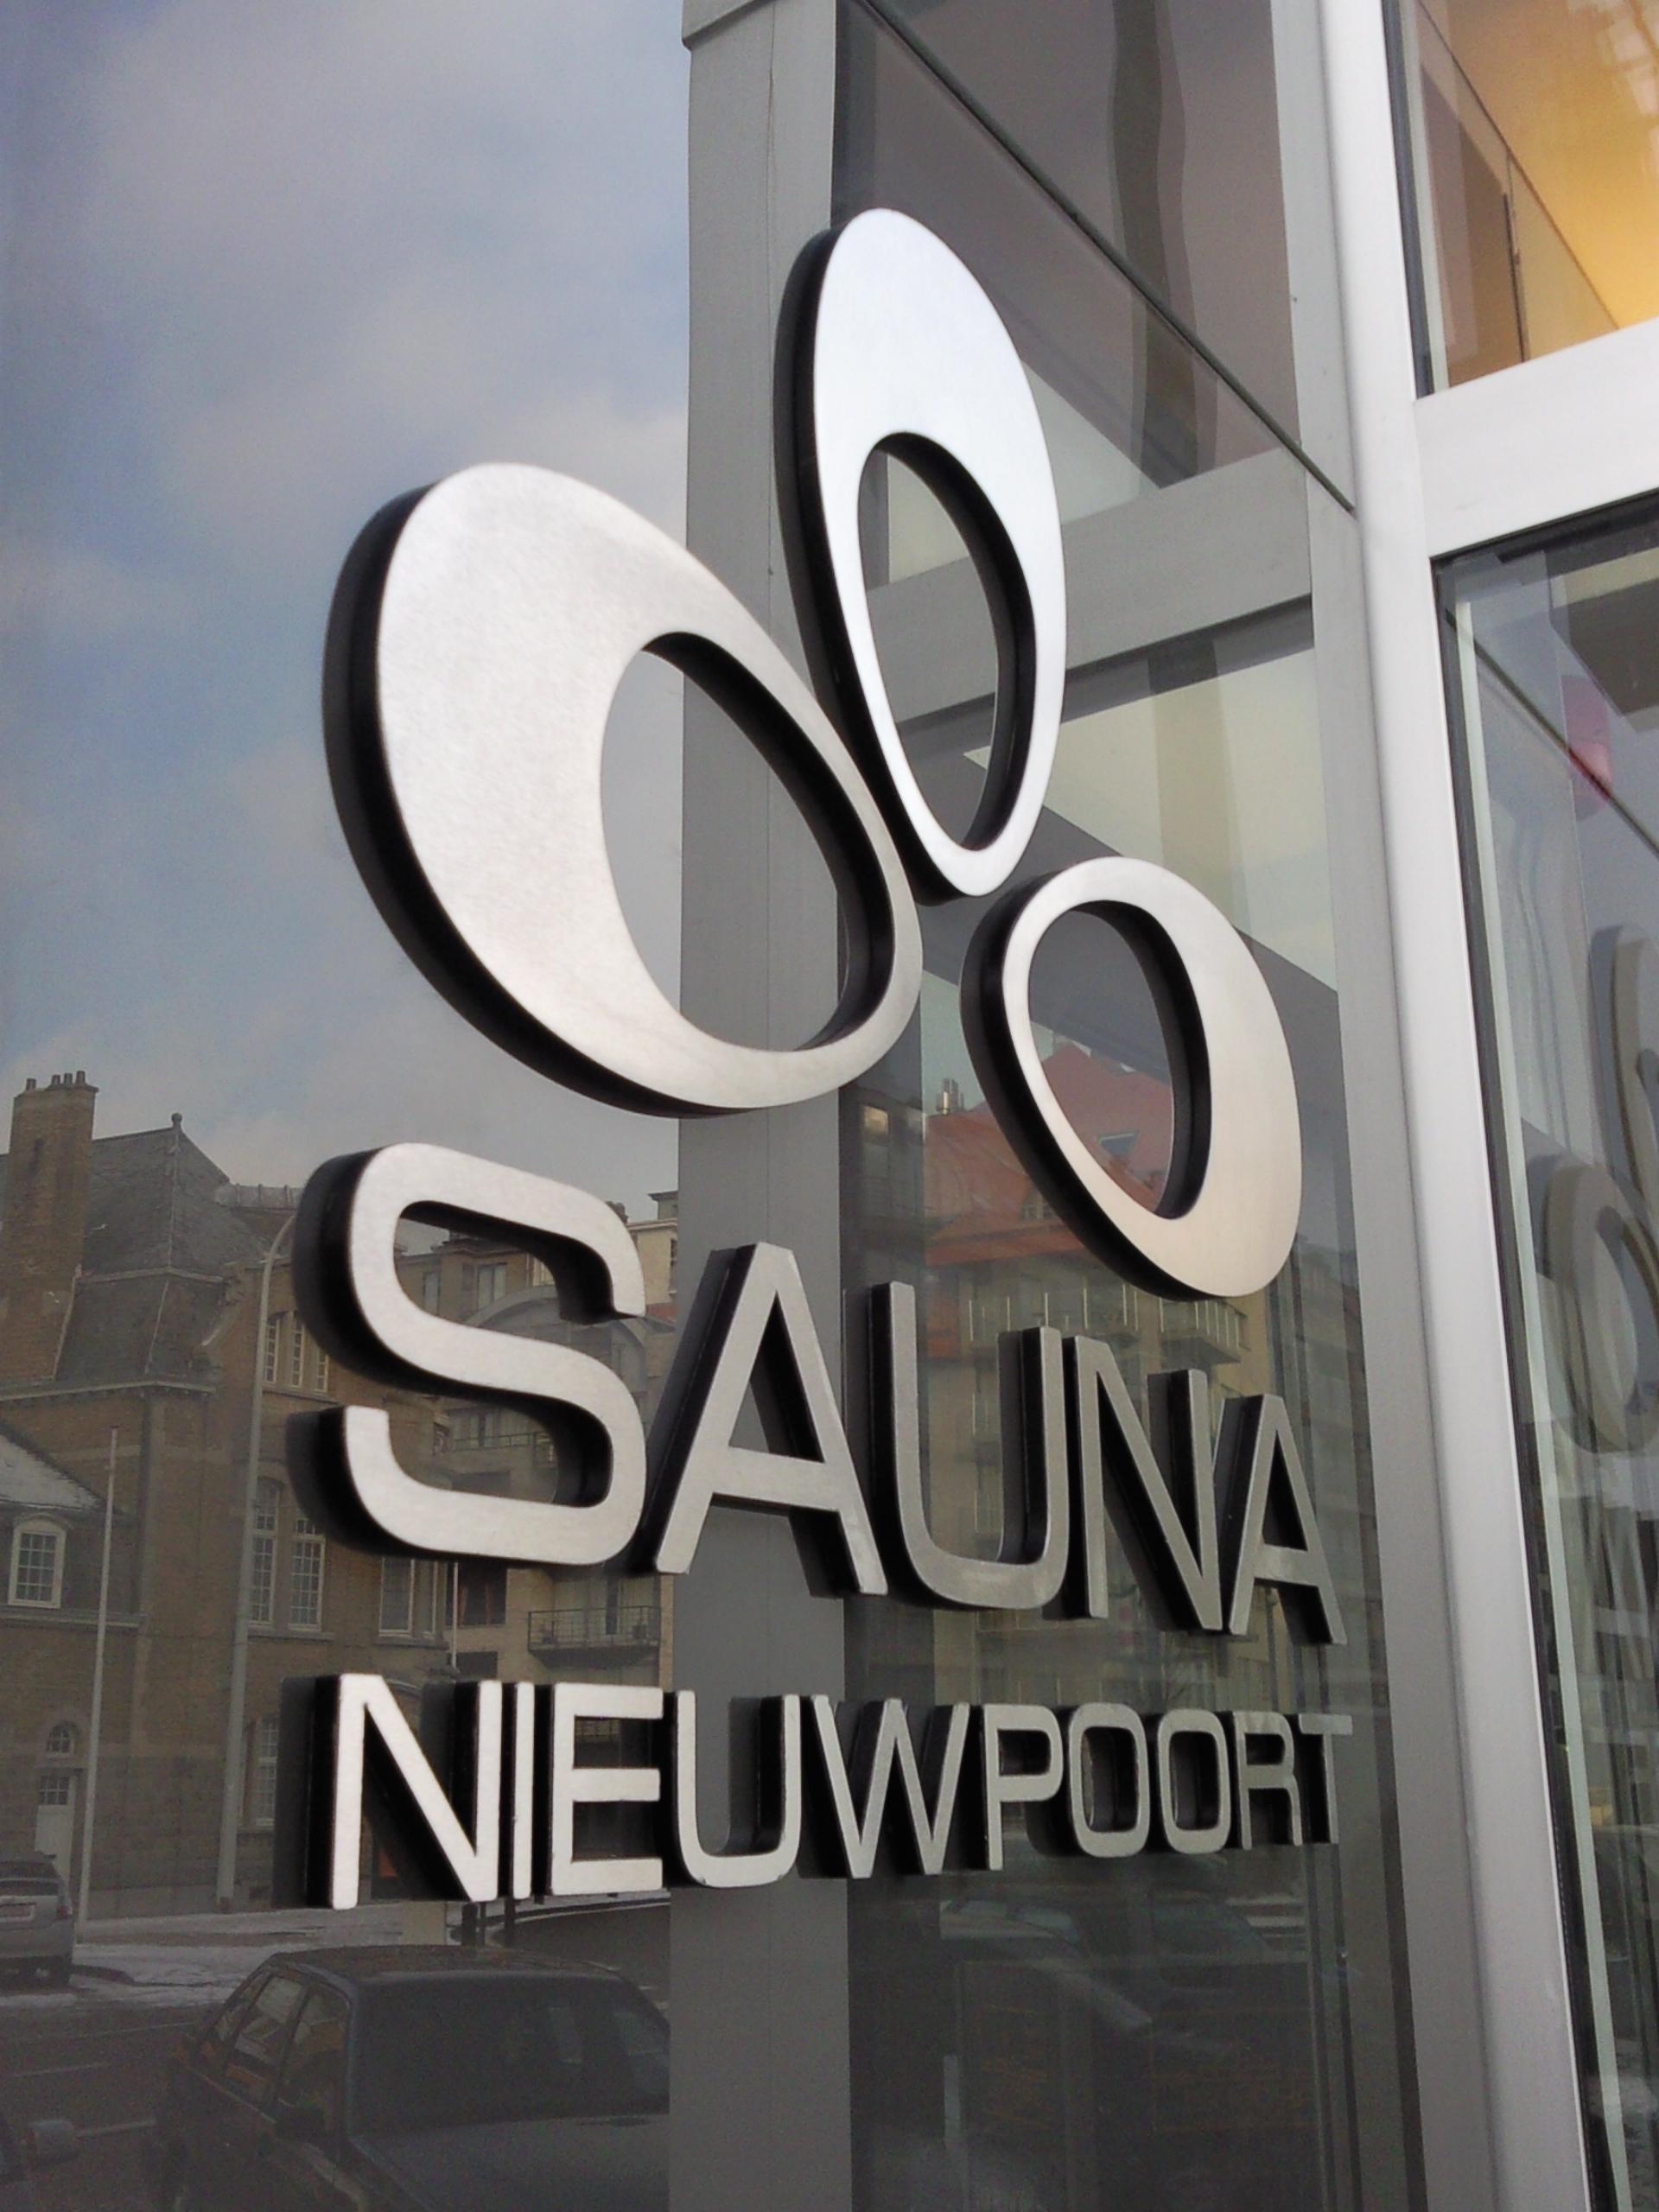 3D letters – Sauna Nieuwpoort